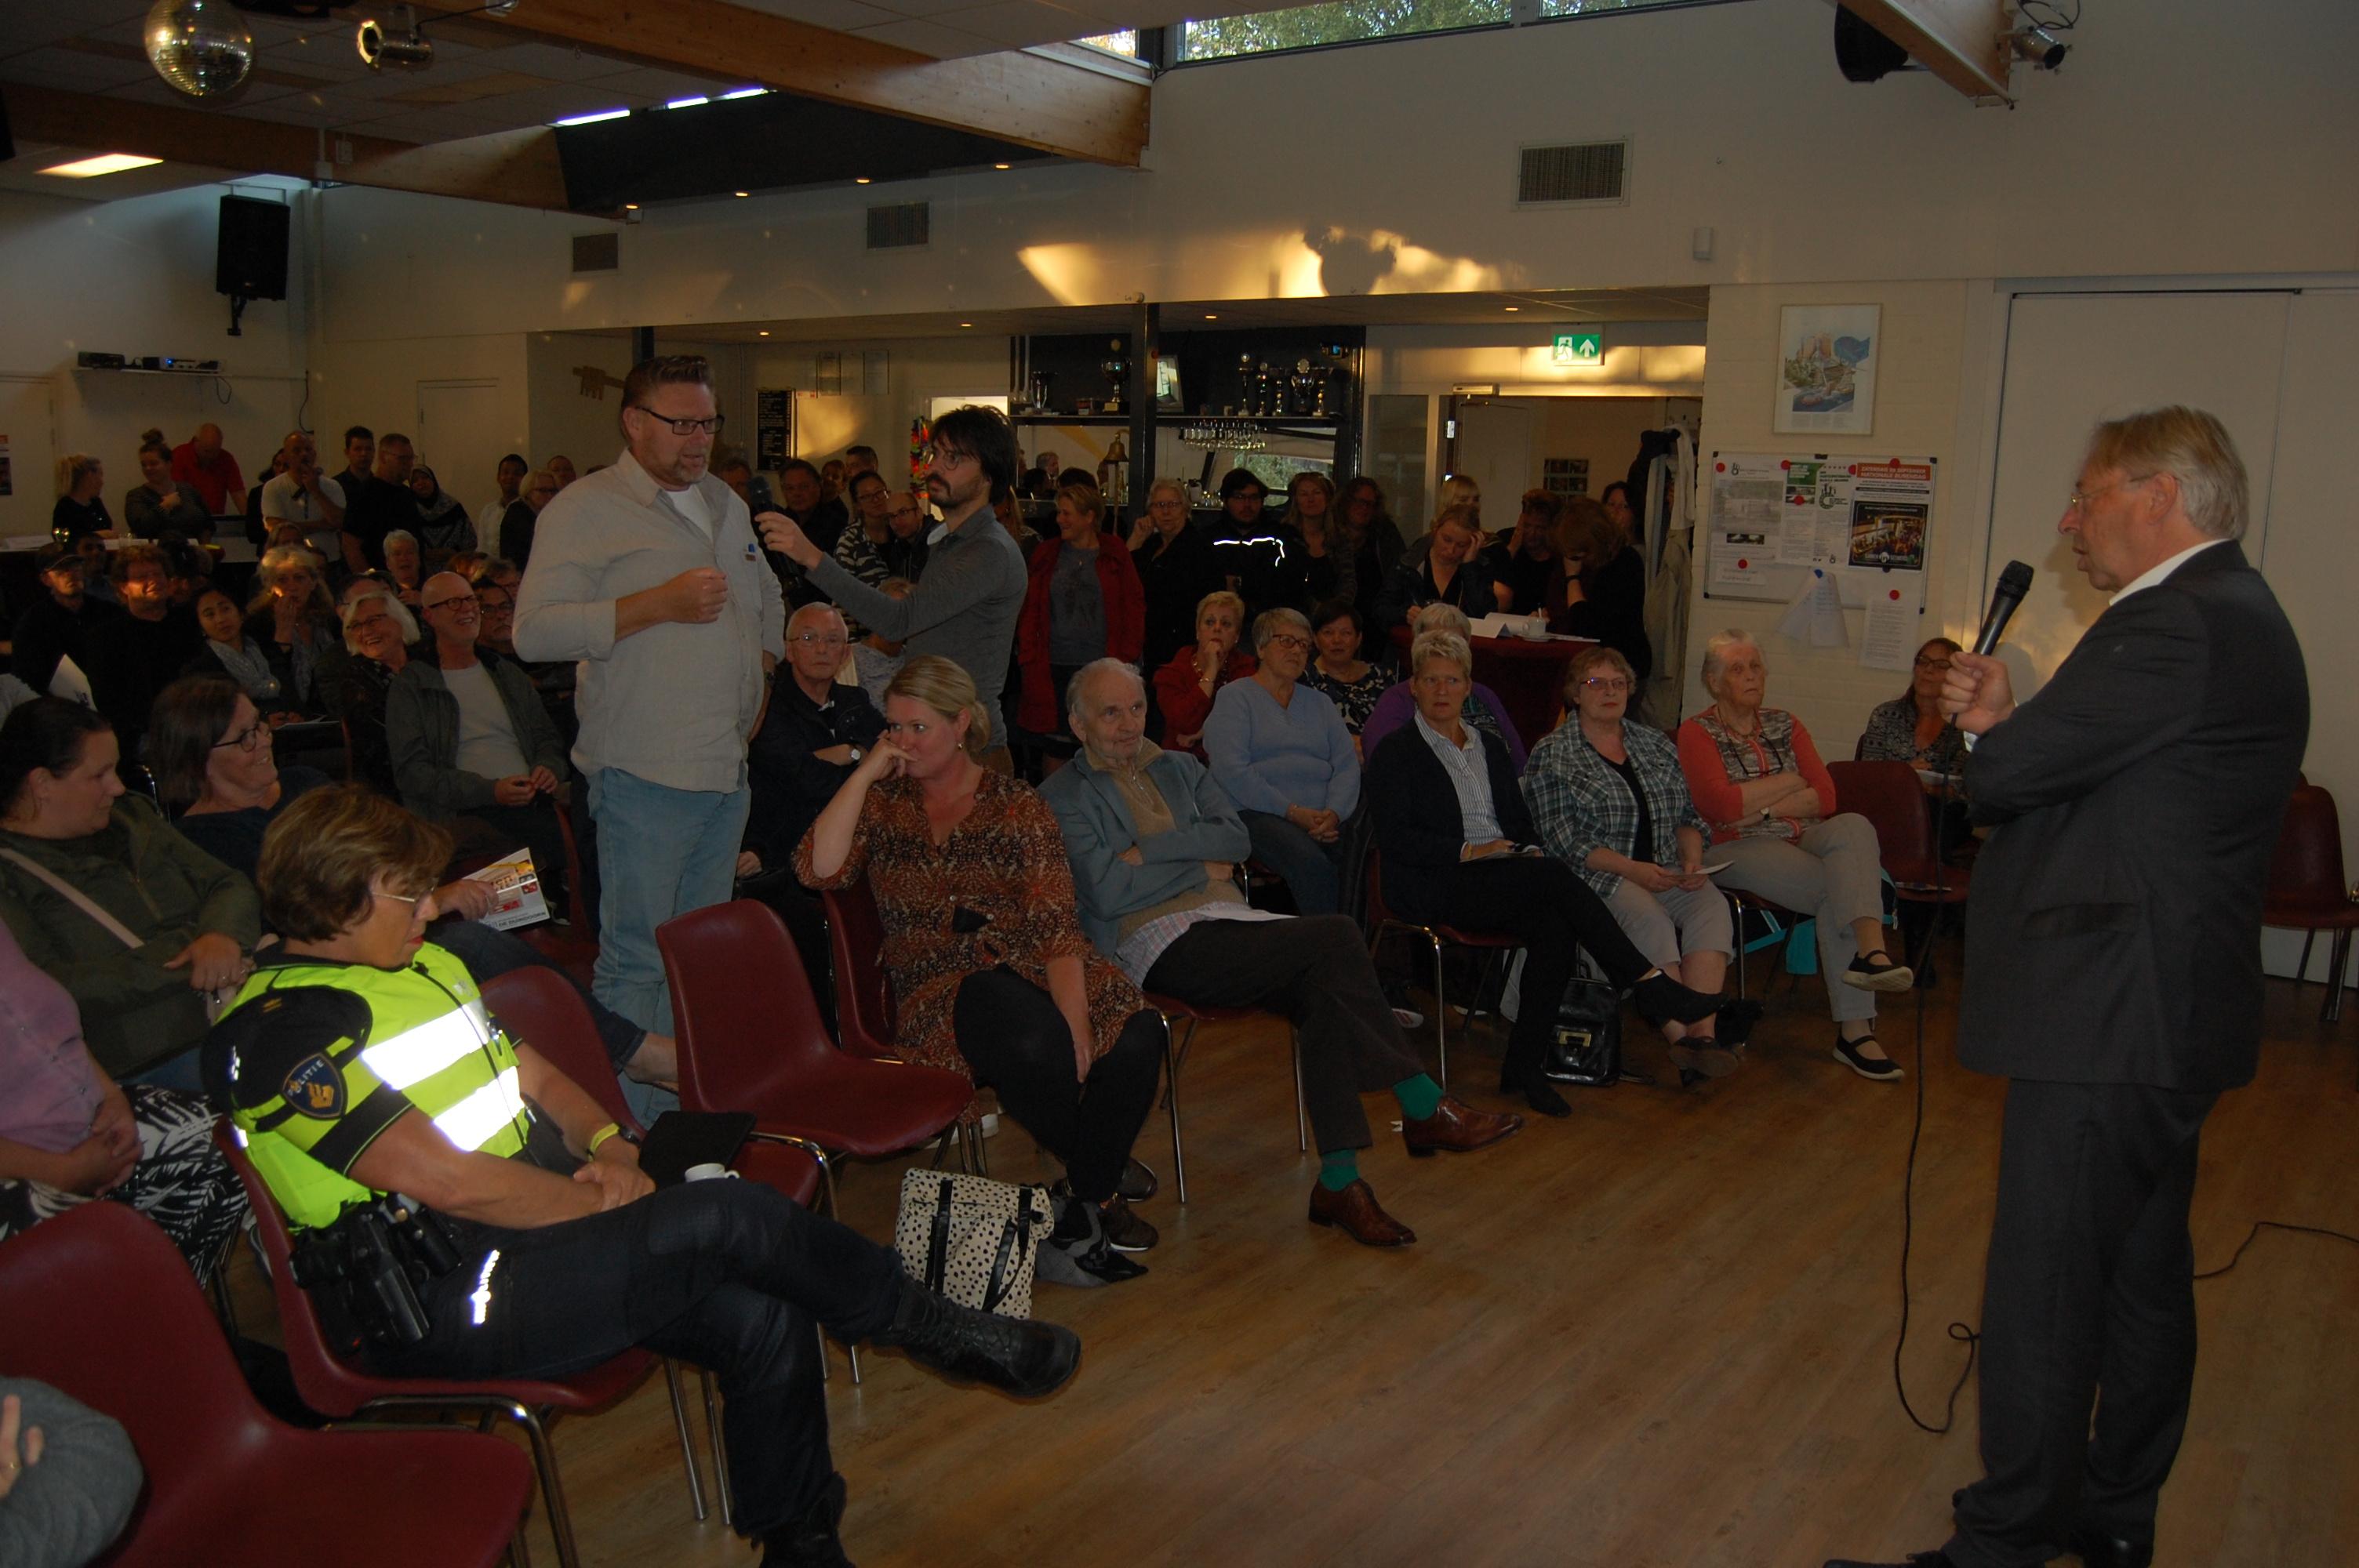 Bewoners in gesprek met burgemeester Den Oudsten tijdens de veiligheidsbijeenkomst